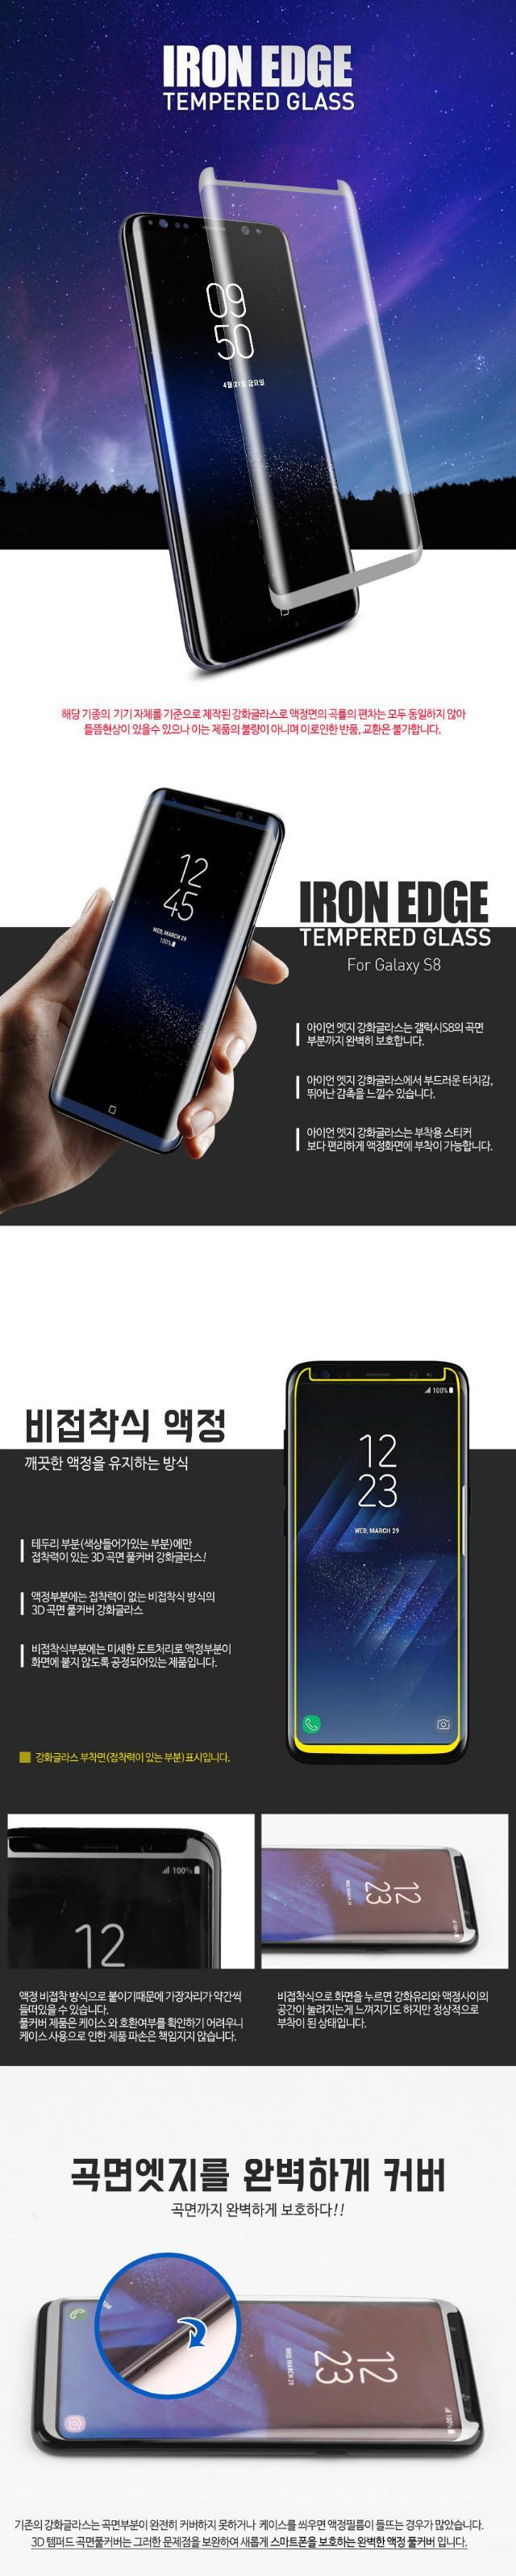 (STAR 아이언 엣지 강화유리 곡면 풀커버) 삼성 갤럭시 S8 SM-G950 SK LG KT 액정보호필름 갤럭시S8 곡면필름 풀커버필름 갤럭시풀커버필름 폰보호필름 스마트폰 보호필름 강화유리 강화유리필름 필름